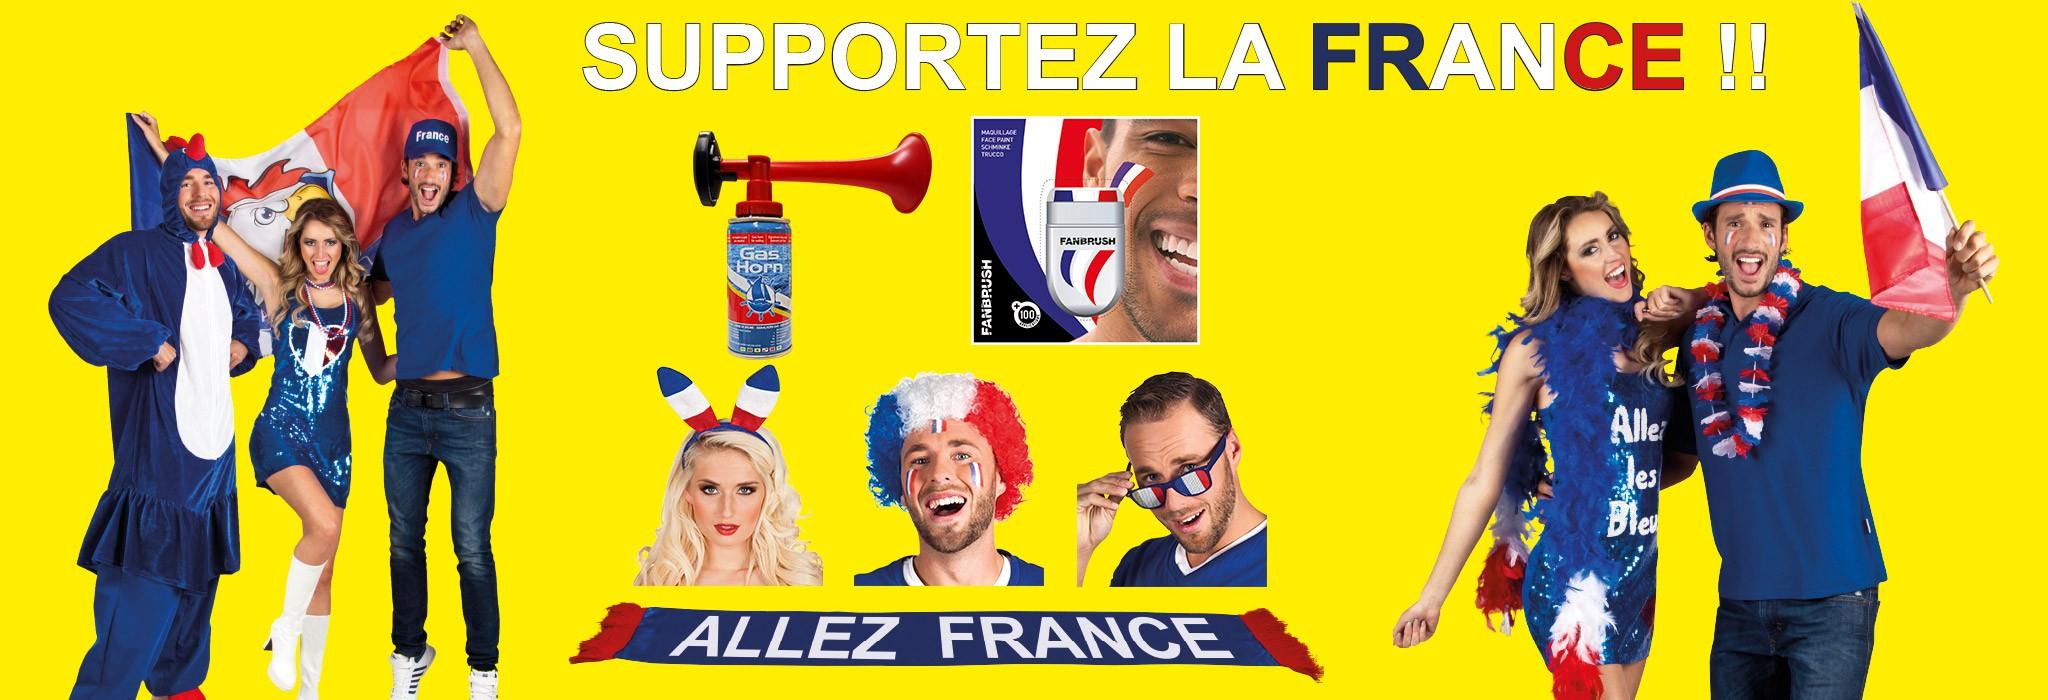 Supportez la France